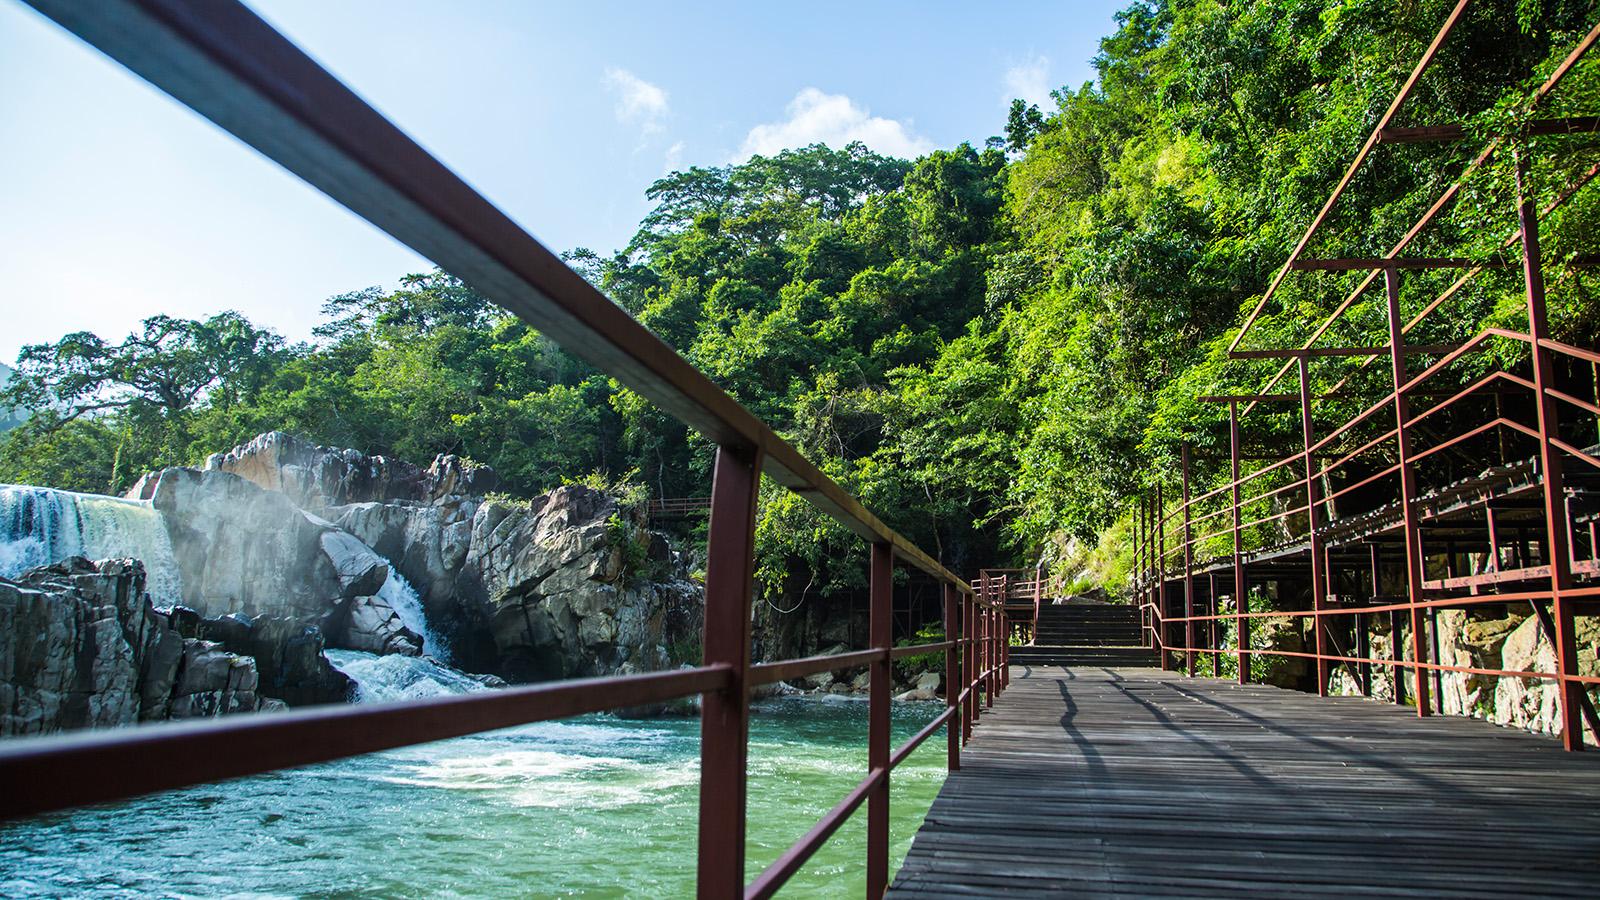 三亞呀諾達雨林文化旅遊區包車一日游(踏瀑戲水+玻璃棧道+網紅鞦韆+高空滑索)